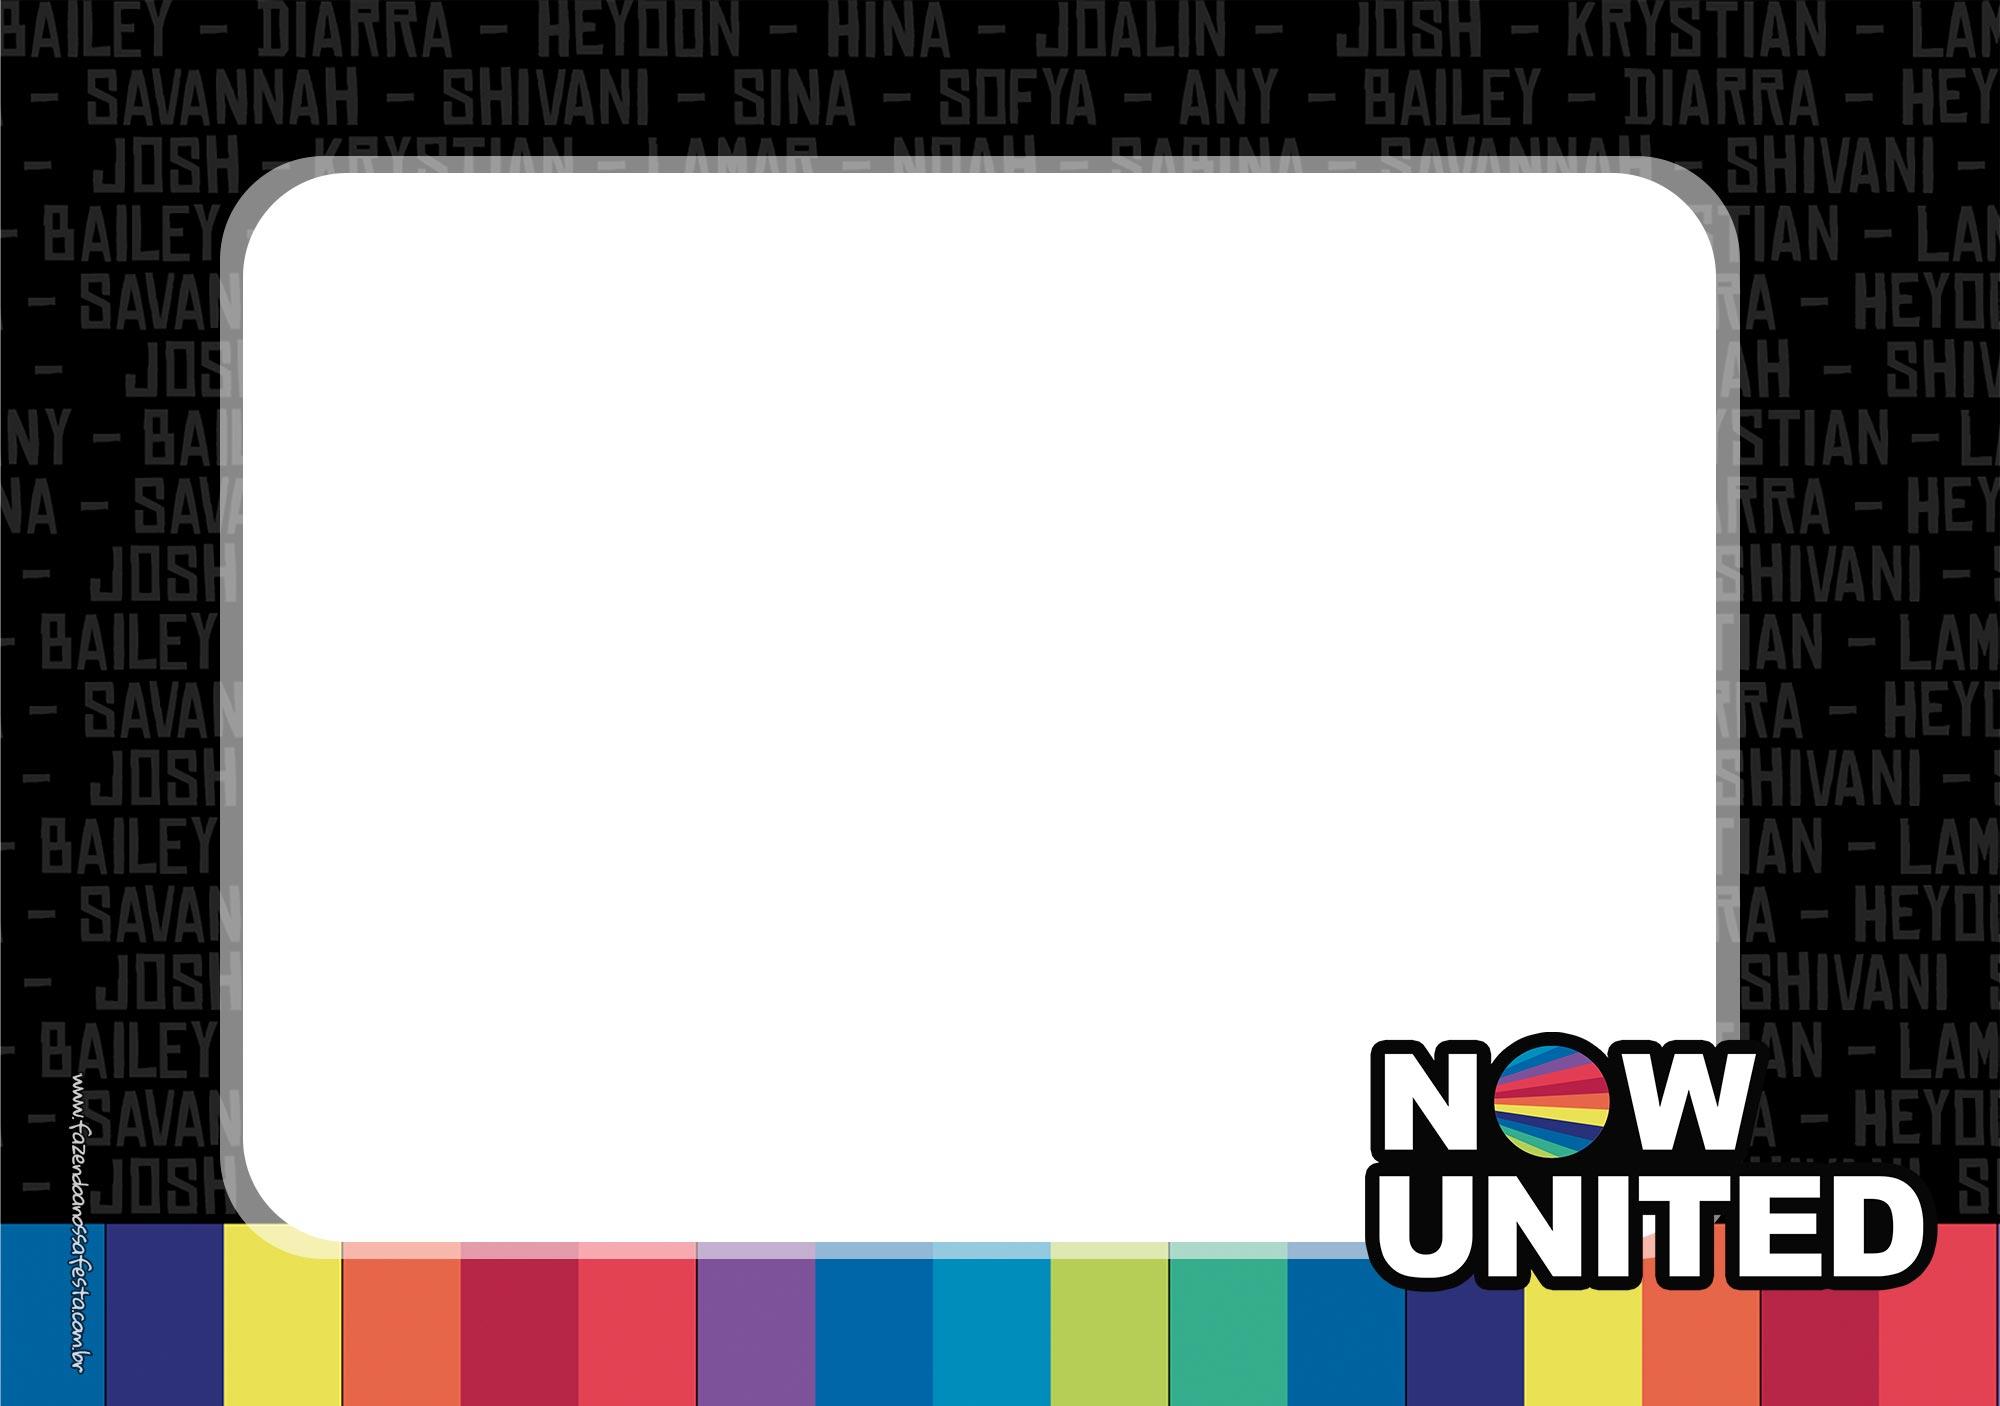 Convite Festa Now United para imprimir